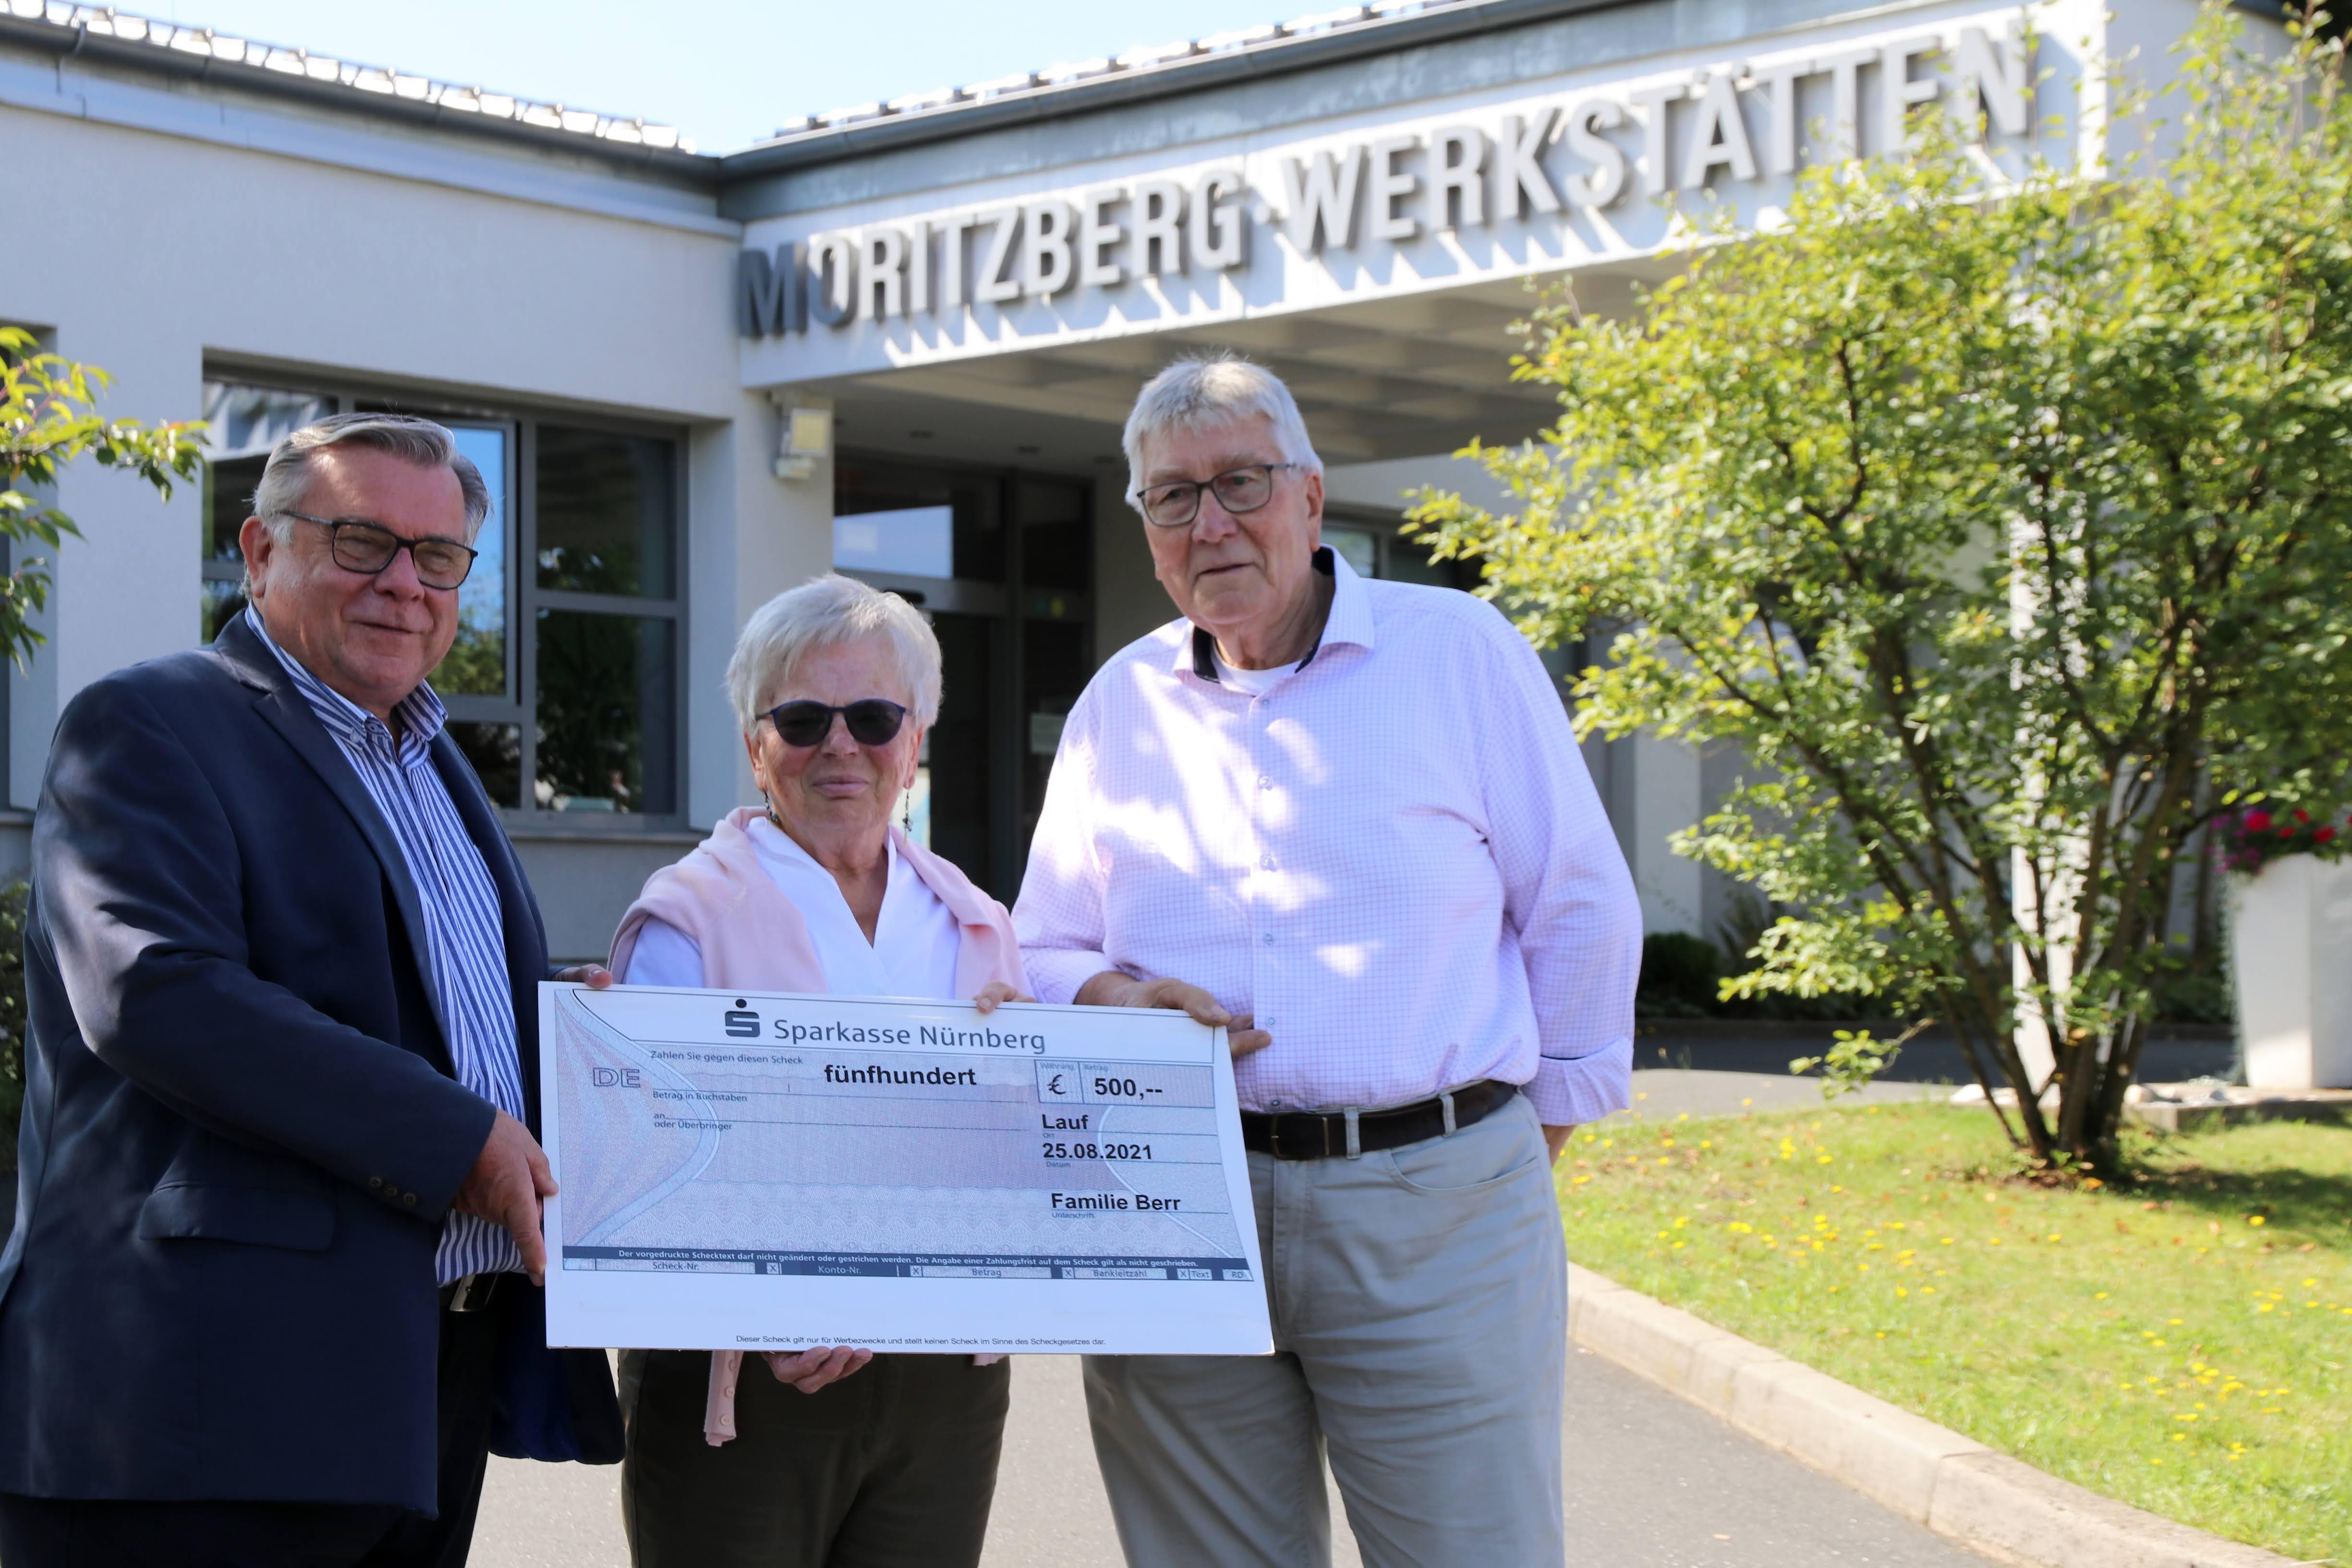 Lebenshilfe-Chef John dankte sehr herzlich gegenüber Familie Berr, die anlässlich ihres goldenen Ehejubiläums 500 Euro zu Gunsten der Lebenshilfe Nürnberger Land spendete.